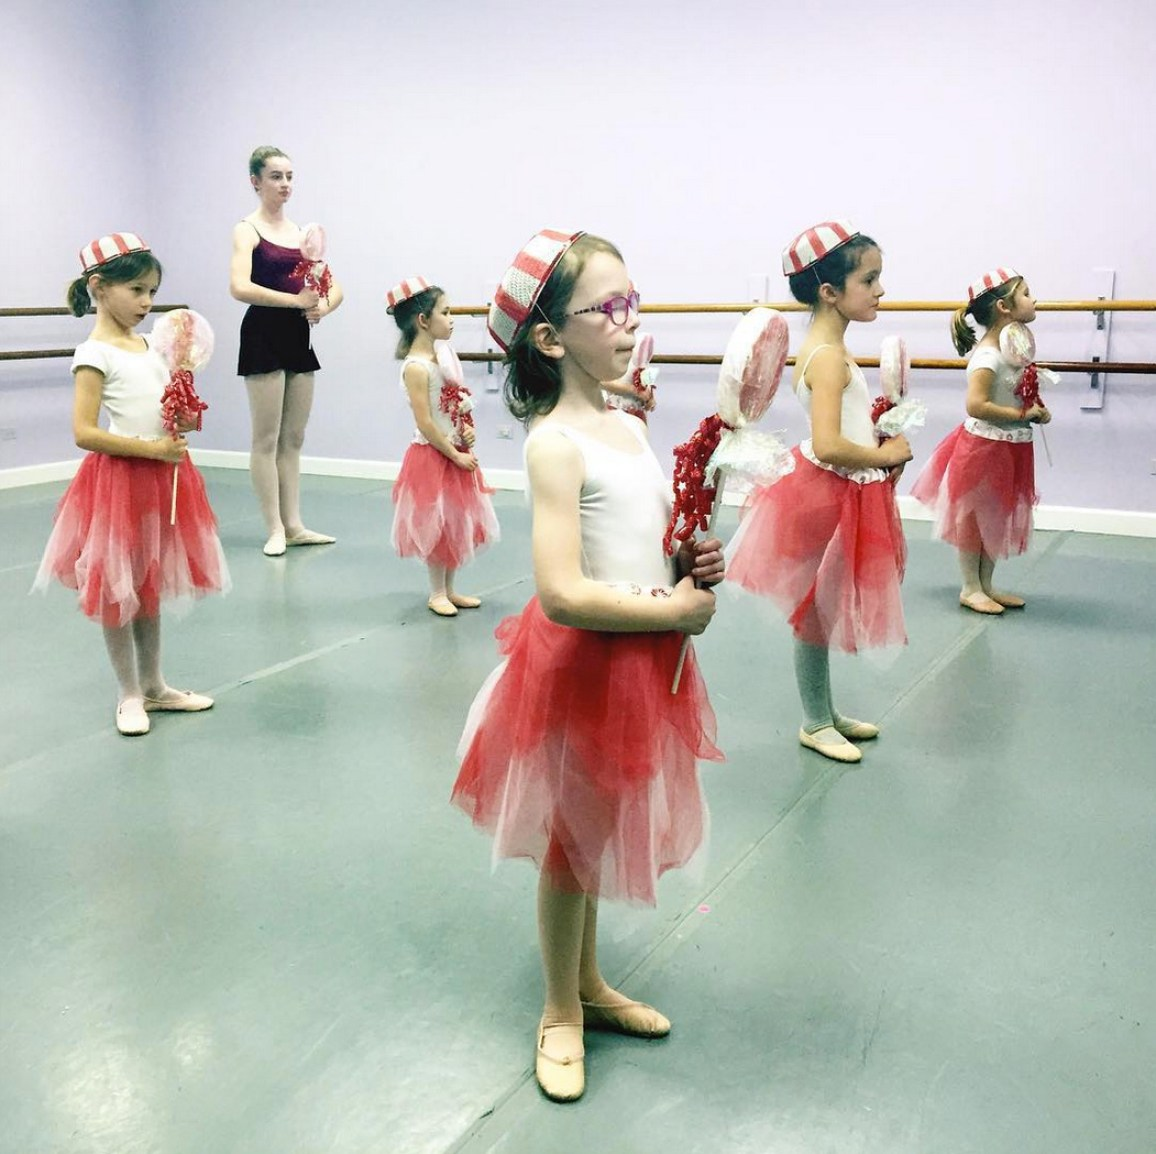 Barrington Dance Academy